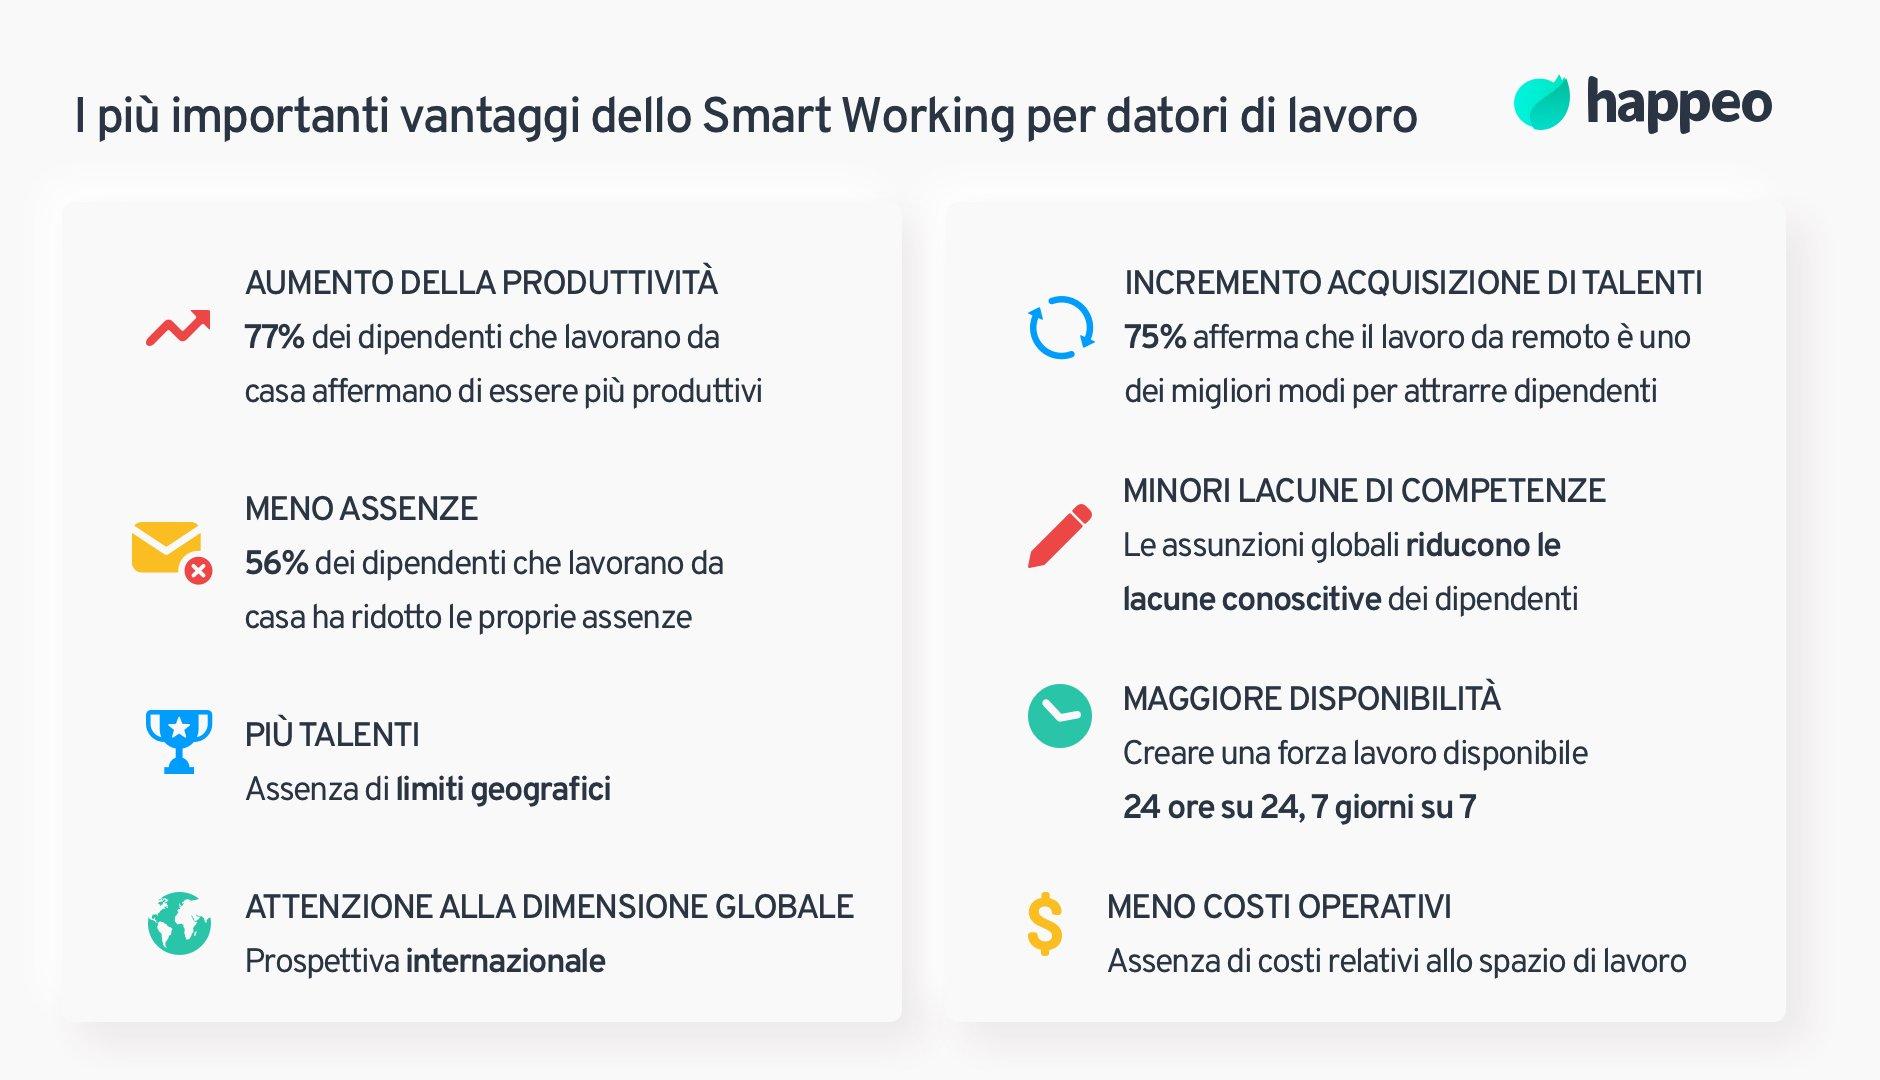 Vantaggi dello Smart Working per datori di lavoro